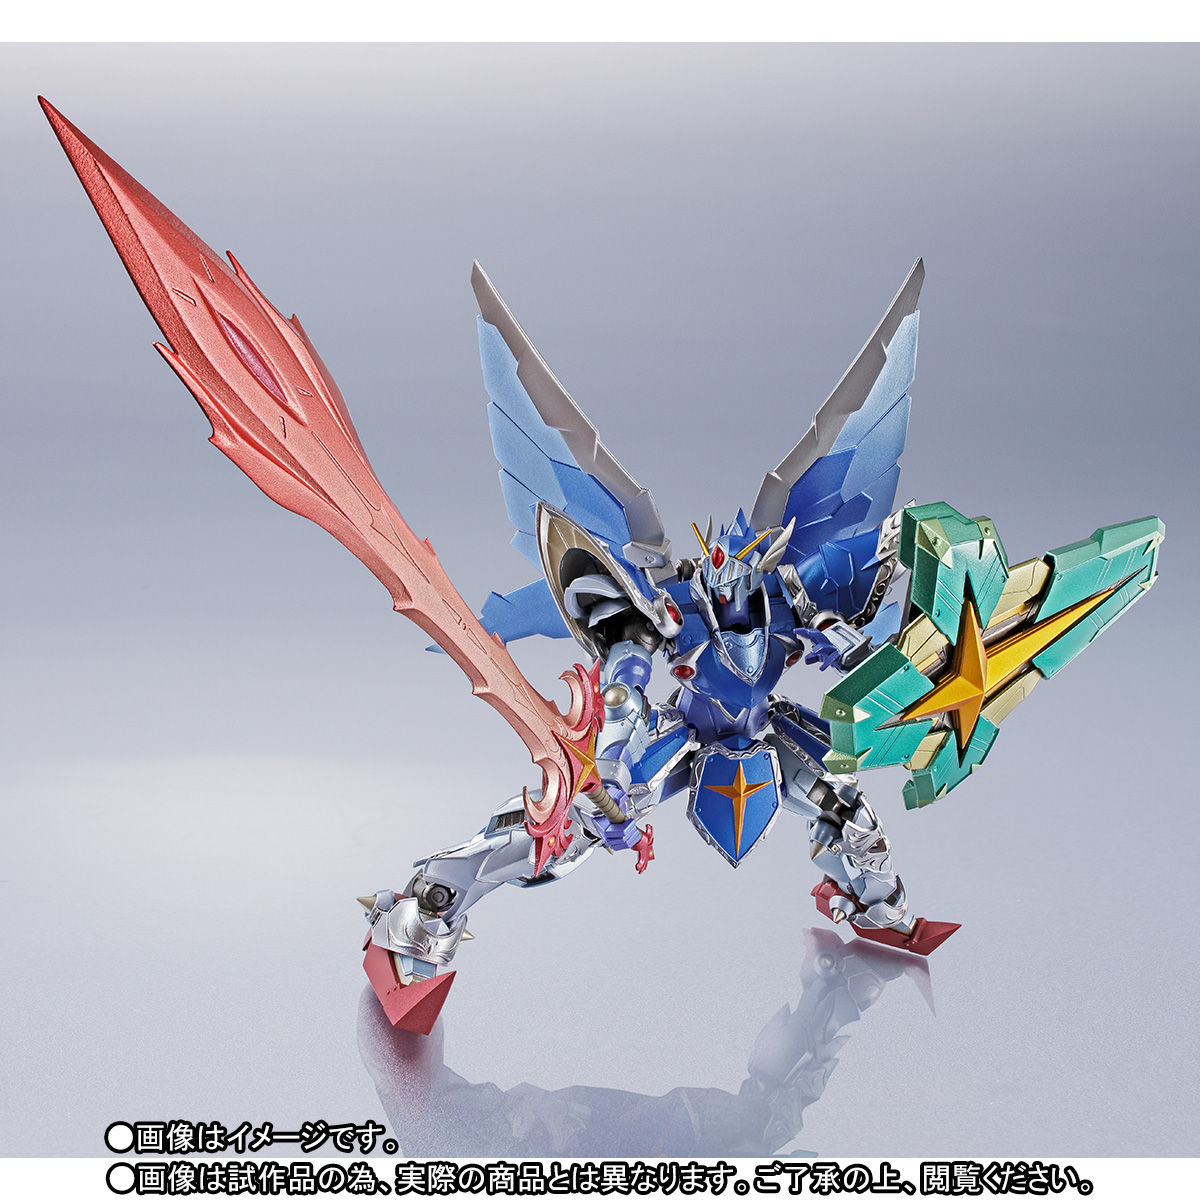 METAL ROBOT魂 〈SIDE MS〉『フルアーマー騎士ガンダム(リアルタイプver.)|SDガンダム外伝』可動フィギュア-008